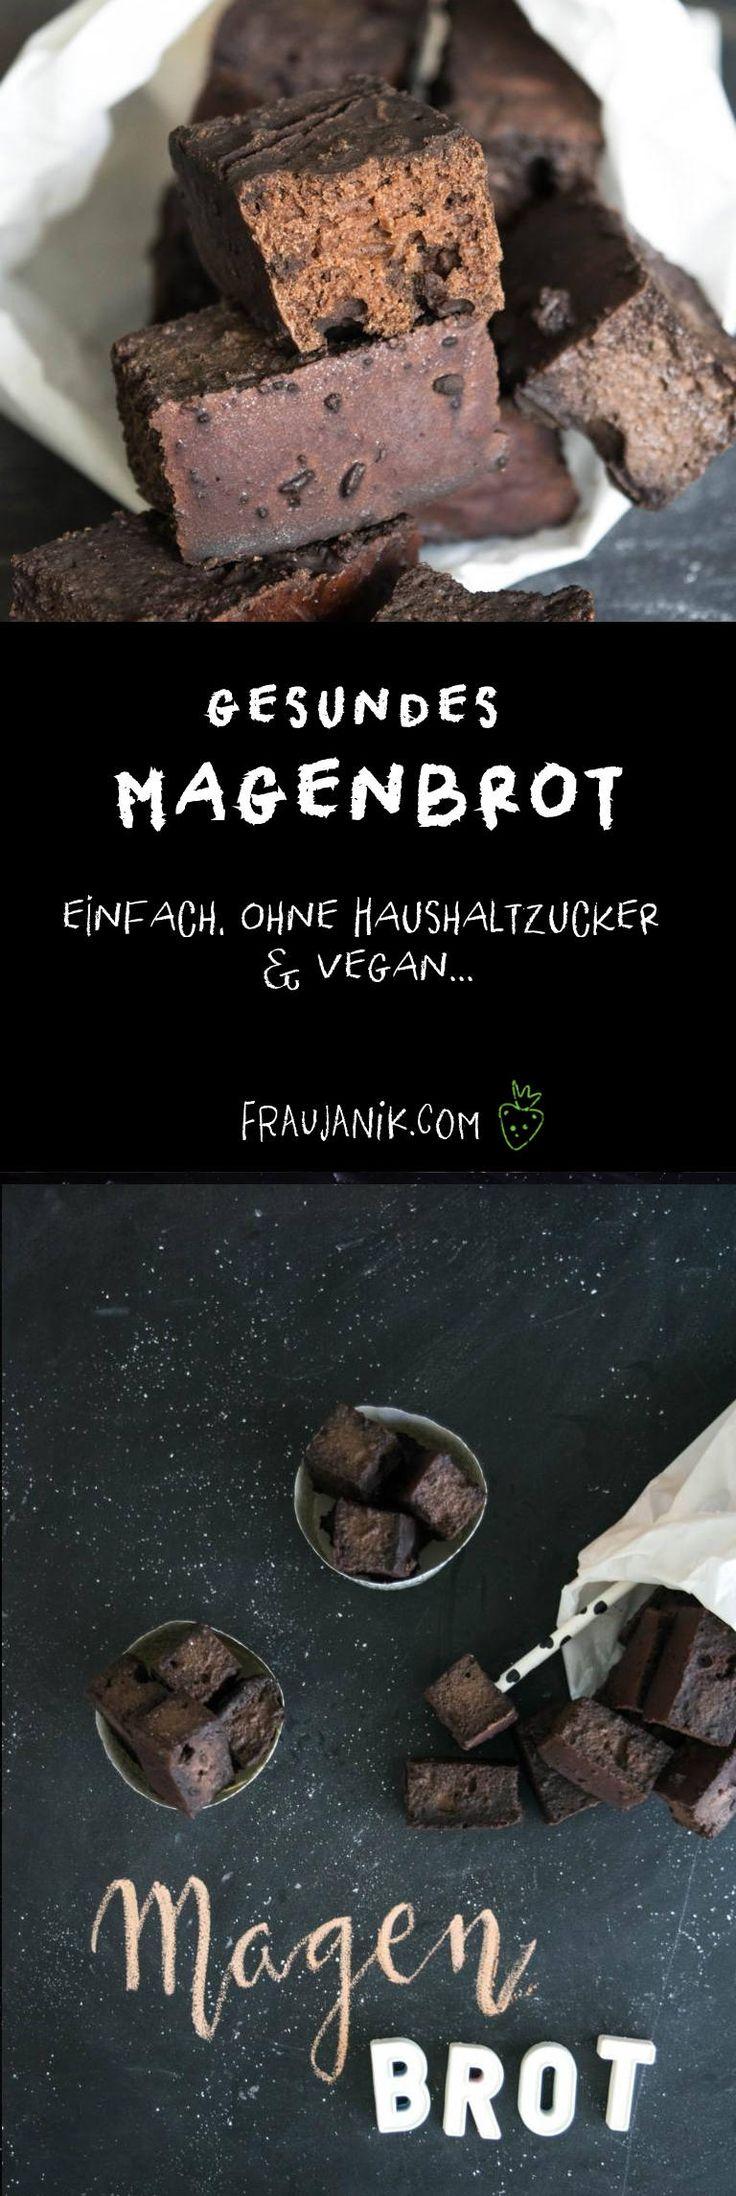 Gesundes Magenbrot- einfach, ohne Haushaltzucker & vegan... Gesunder Lebkuchen wie auf der Herbstmesse Basel. Schnell und einfach gemacht! #magenbrot #lebkuchen #weihnachten #gesund #backen